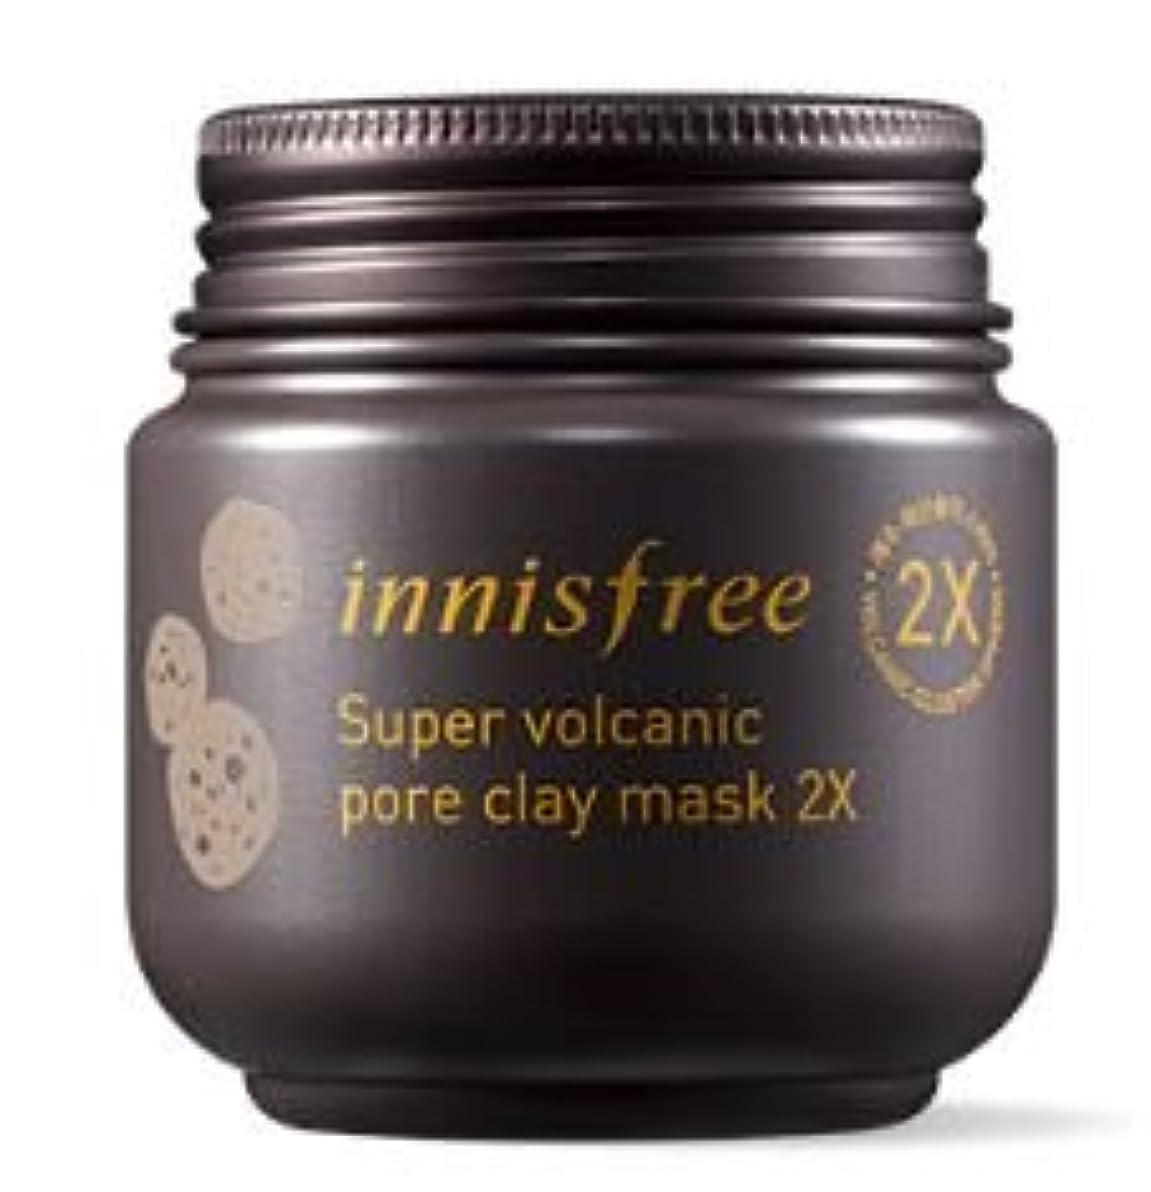 積極的に工夫する限られた★NEW★[innisfree] Super Volcanic Pore Clay Mask 2x 100ml [並行輸入品]